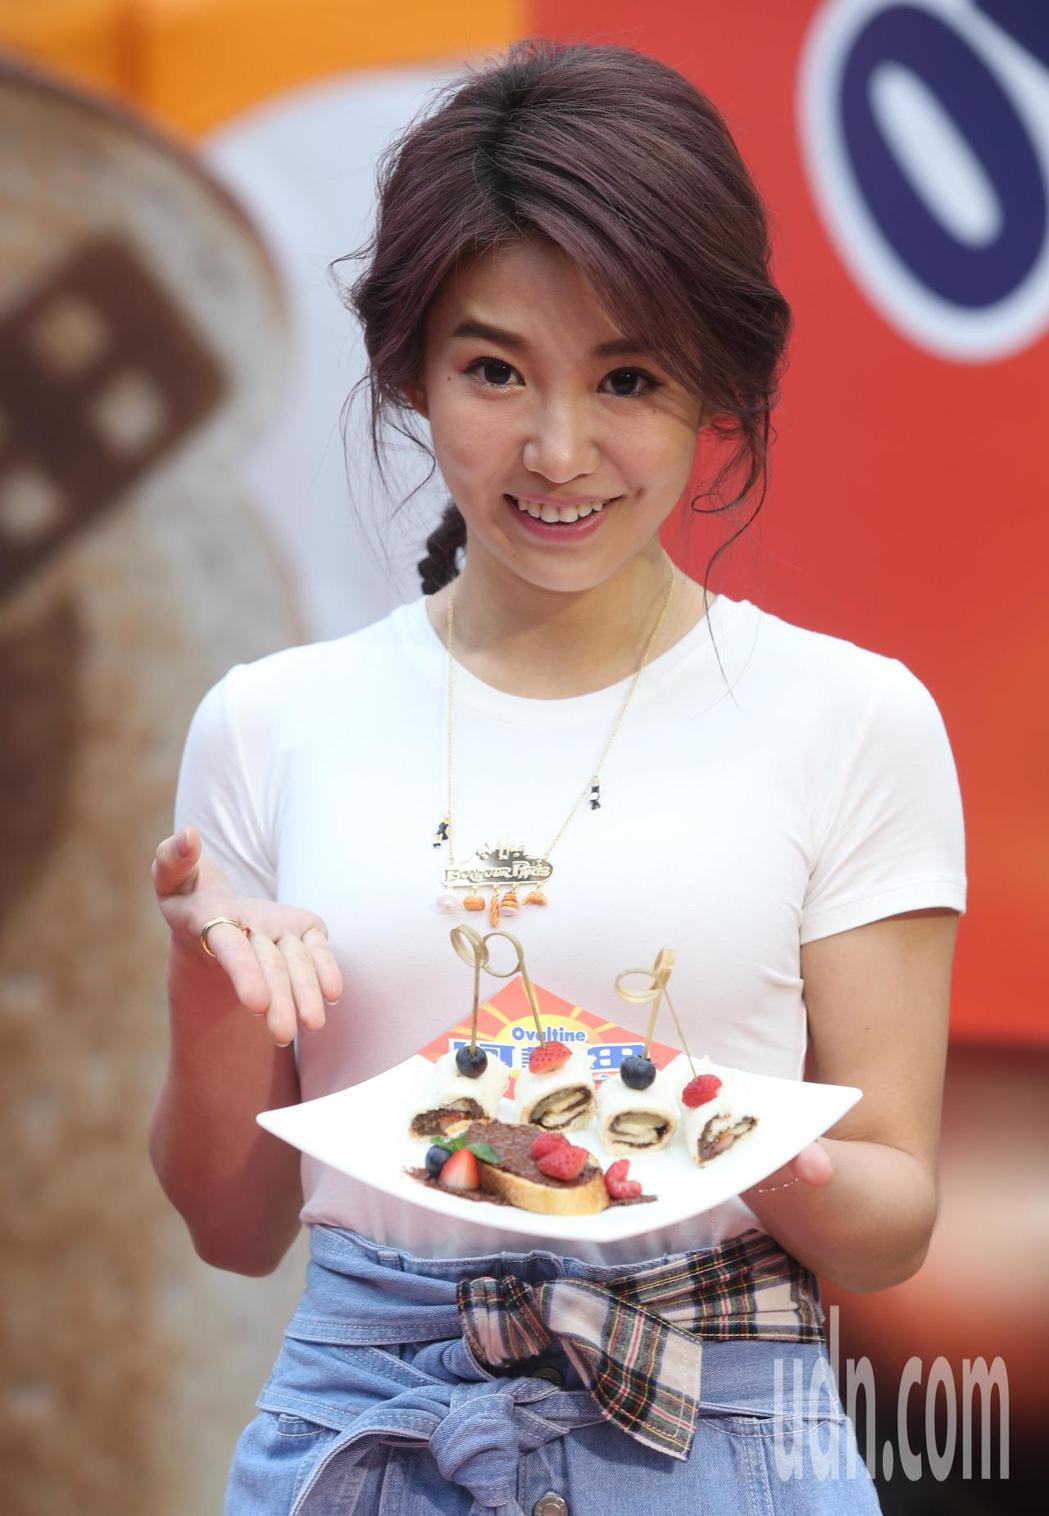 郭書瑤出席阿華田代言活動活動,開心甜蜜示範做早餐。記者林俊良/攝影